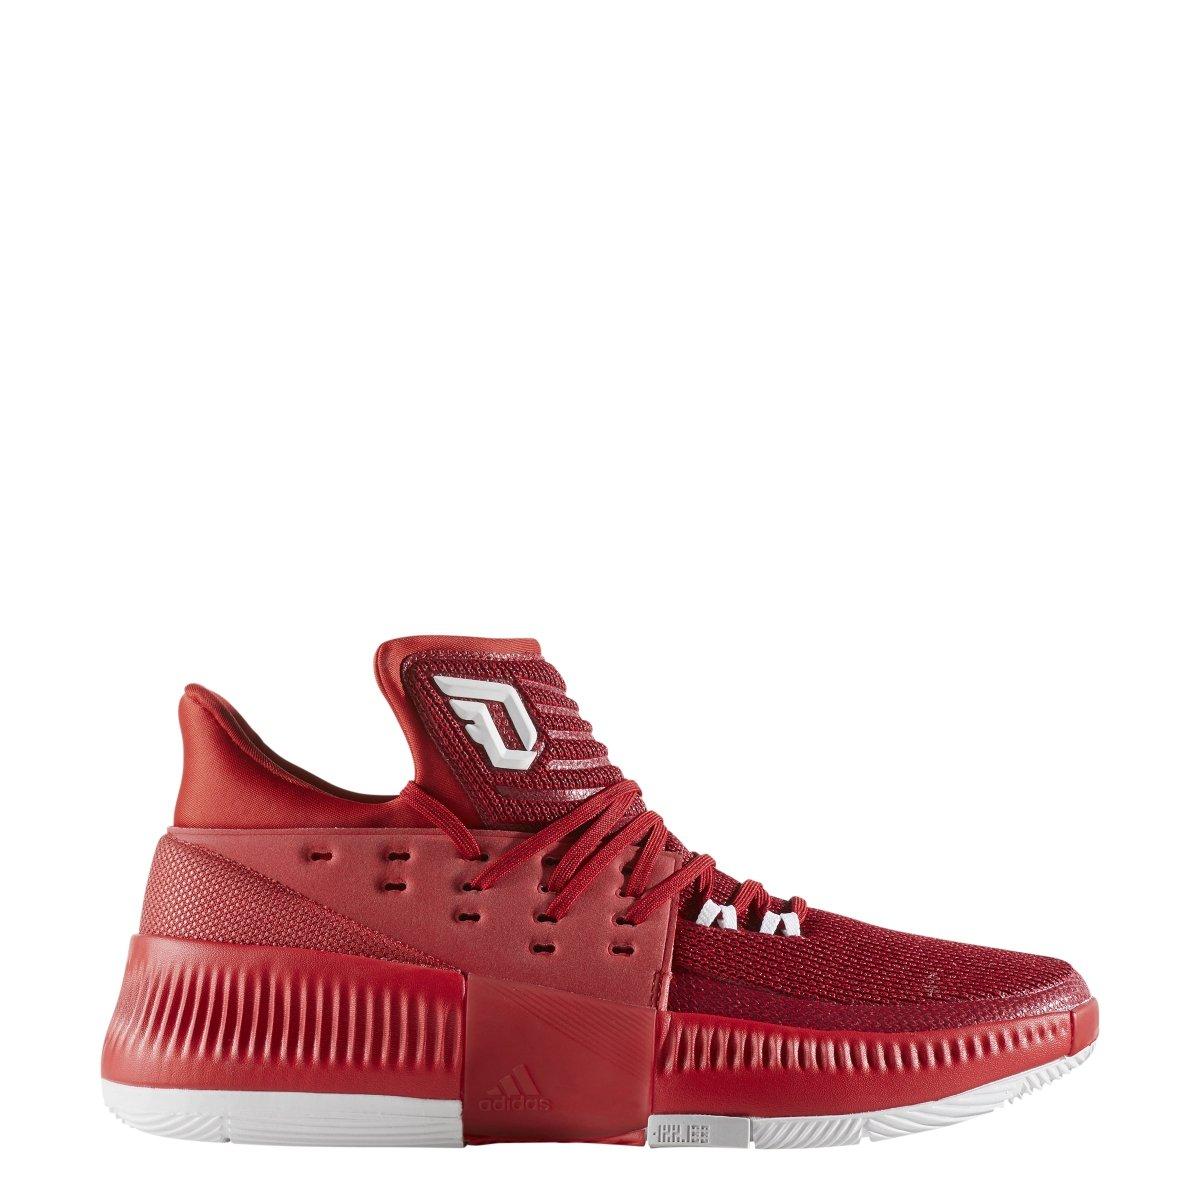 adidas uomini d lillard 3 basket scarpa b075457m9t d (m) us